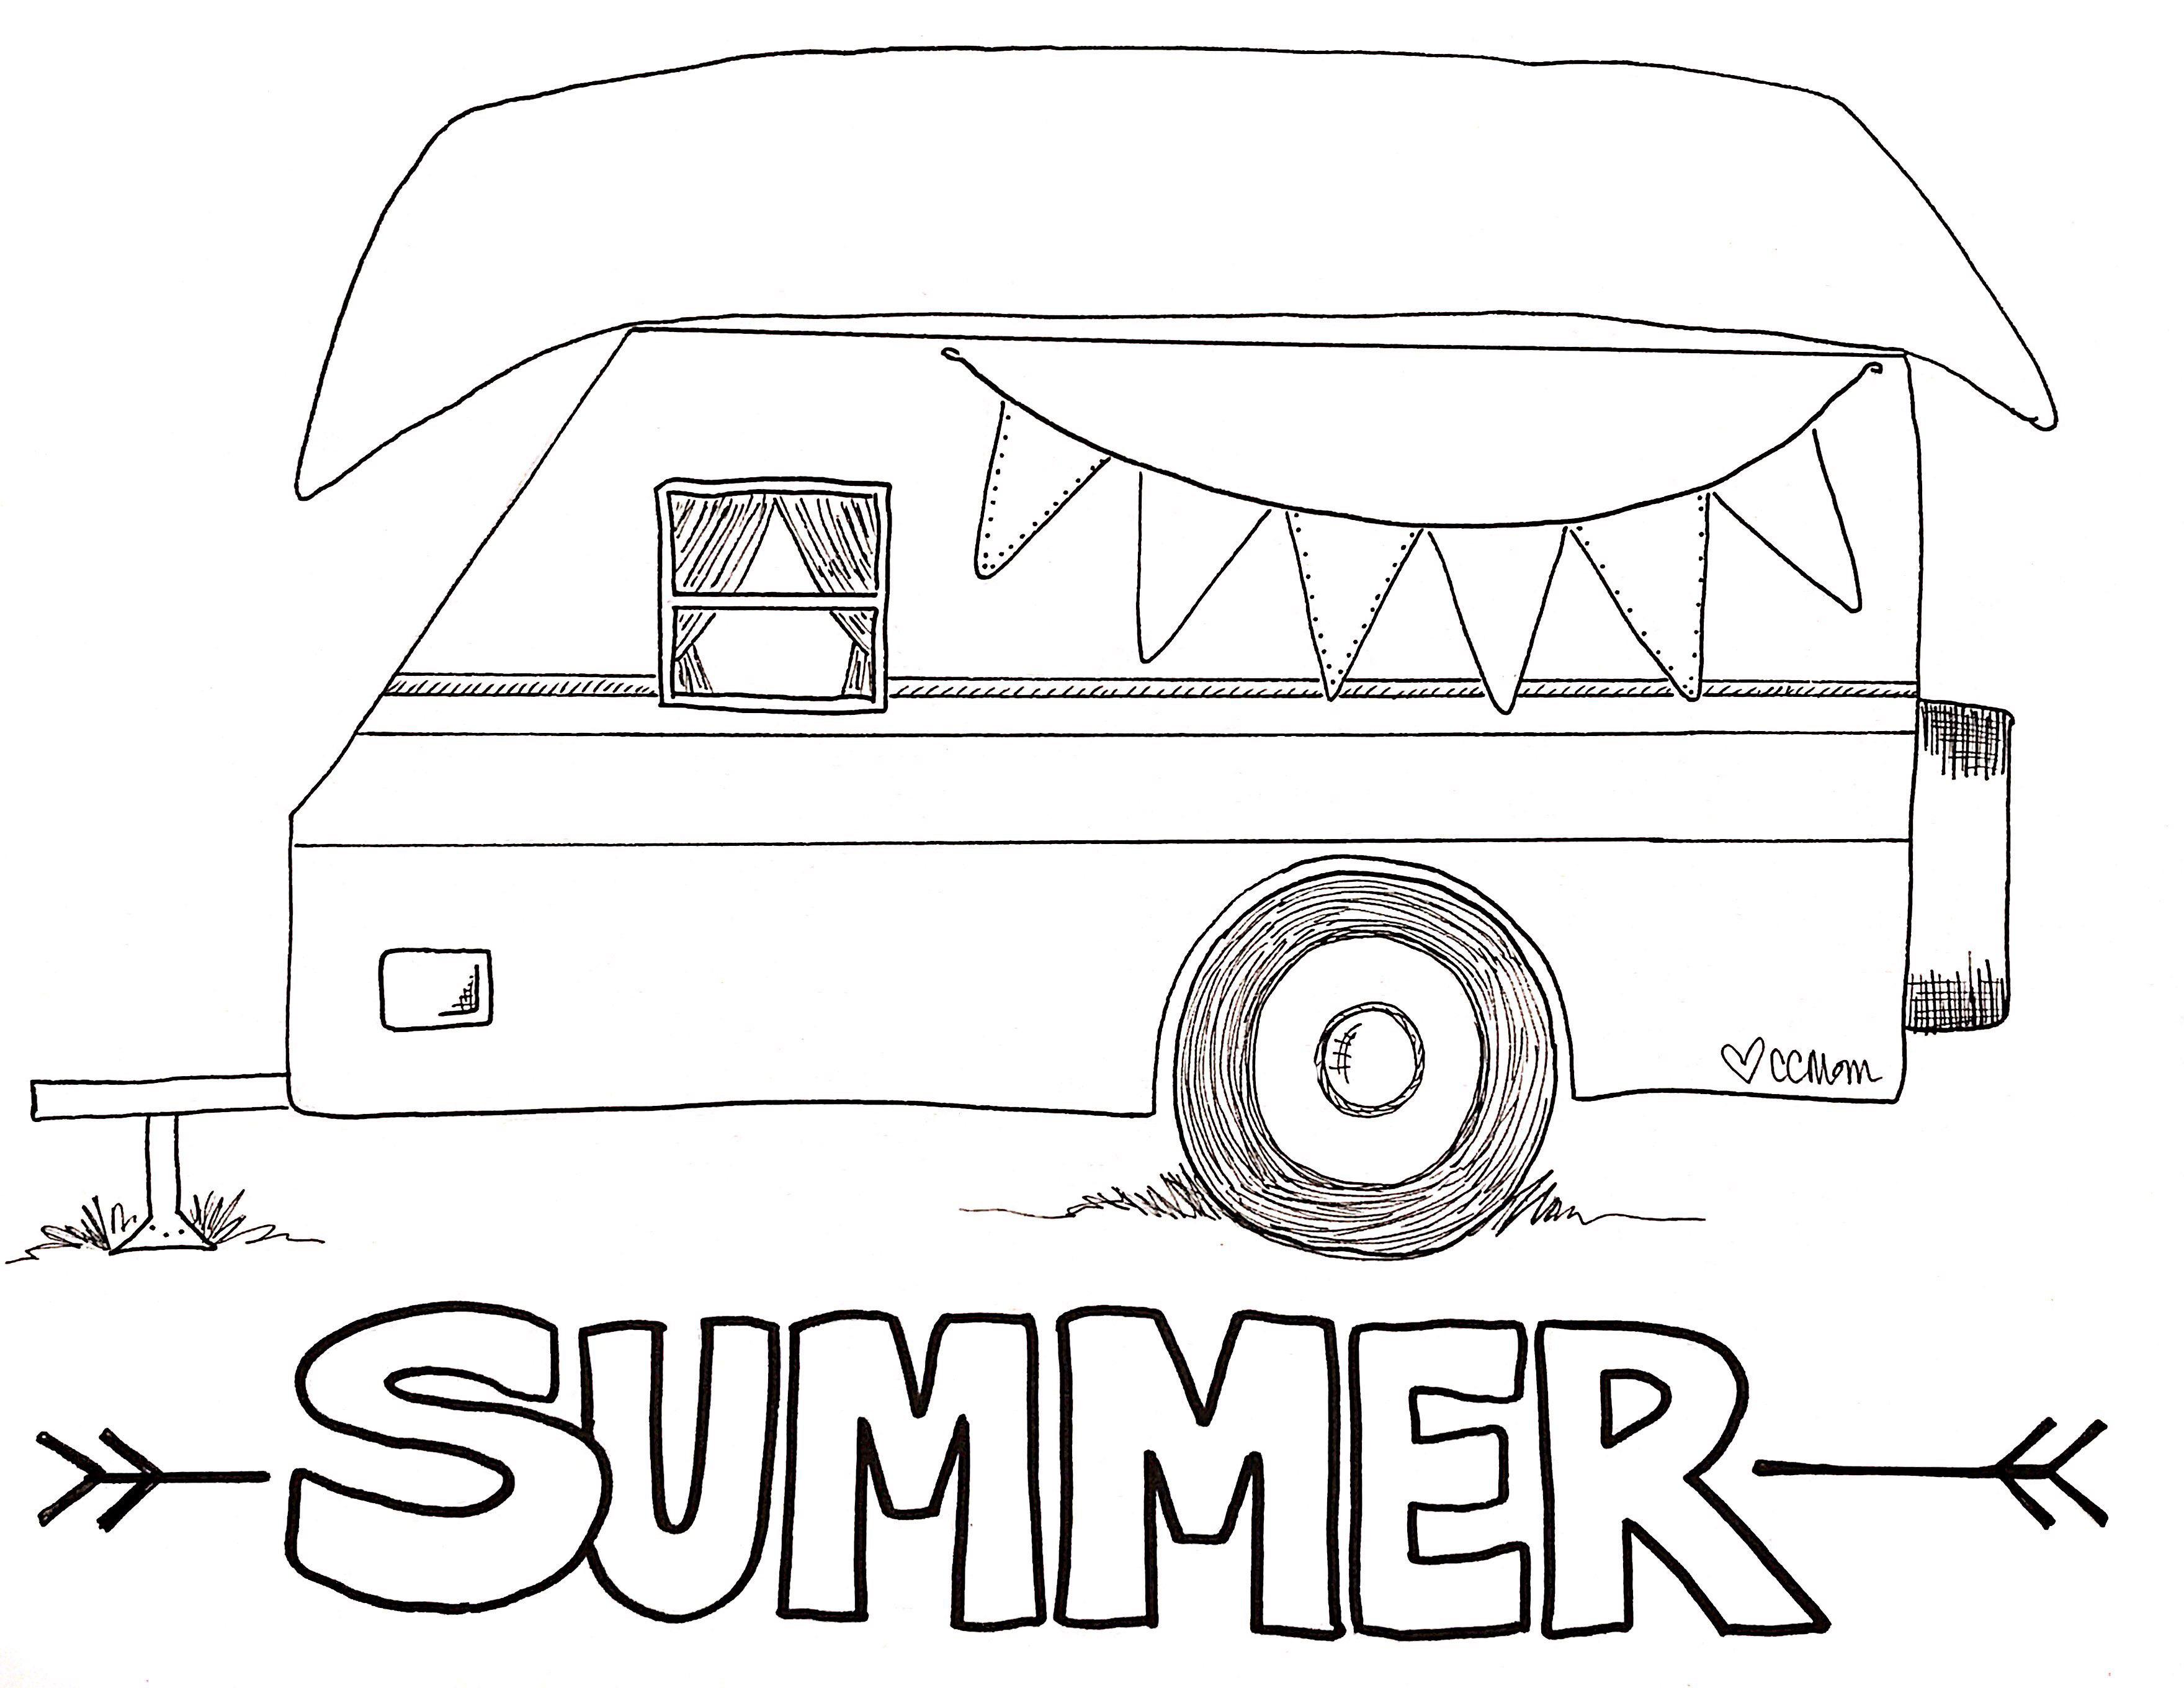 Summer Camper